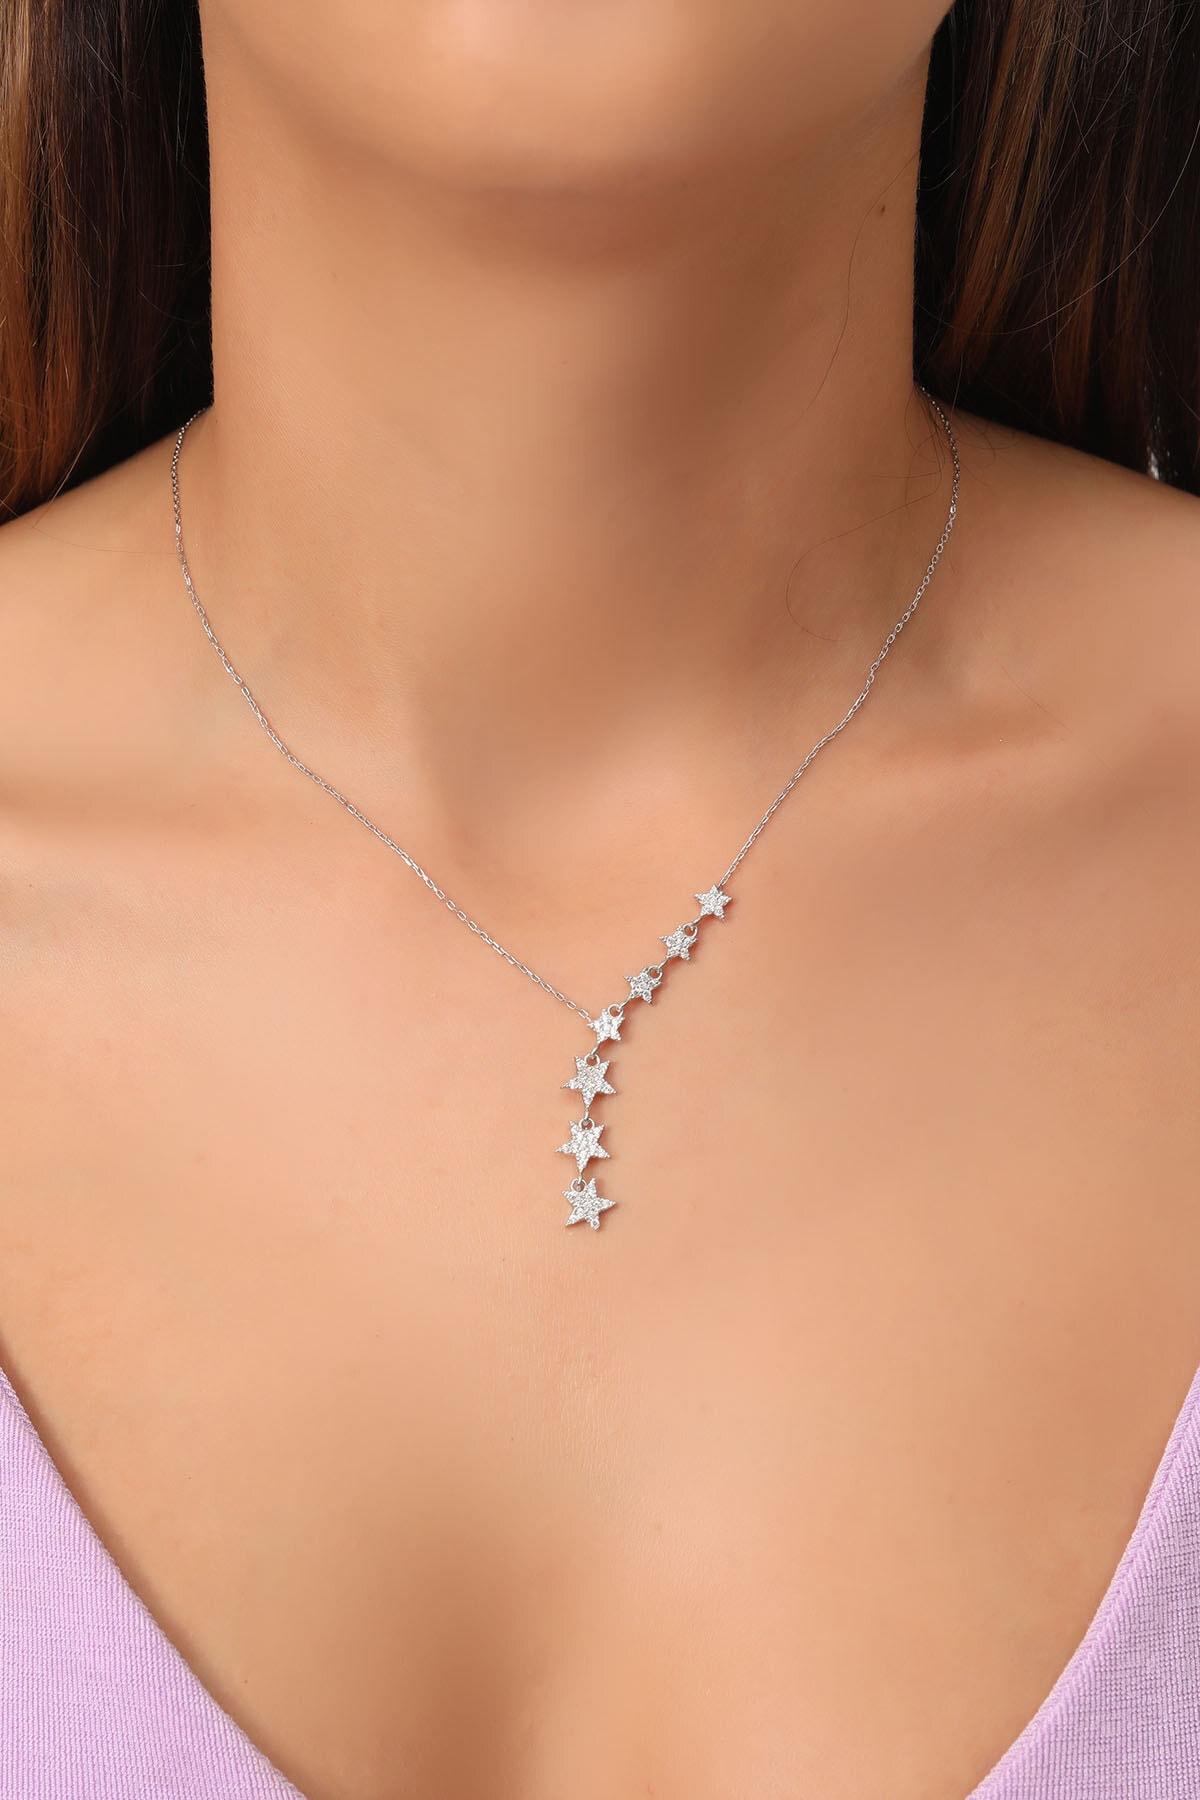 takı tak silver Tamamı Saf 925 Ayar Gümüş Beyaz Zirkon Taşlı Sıralı 7 Yıldızlı Model Gümüş Kolye 1